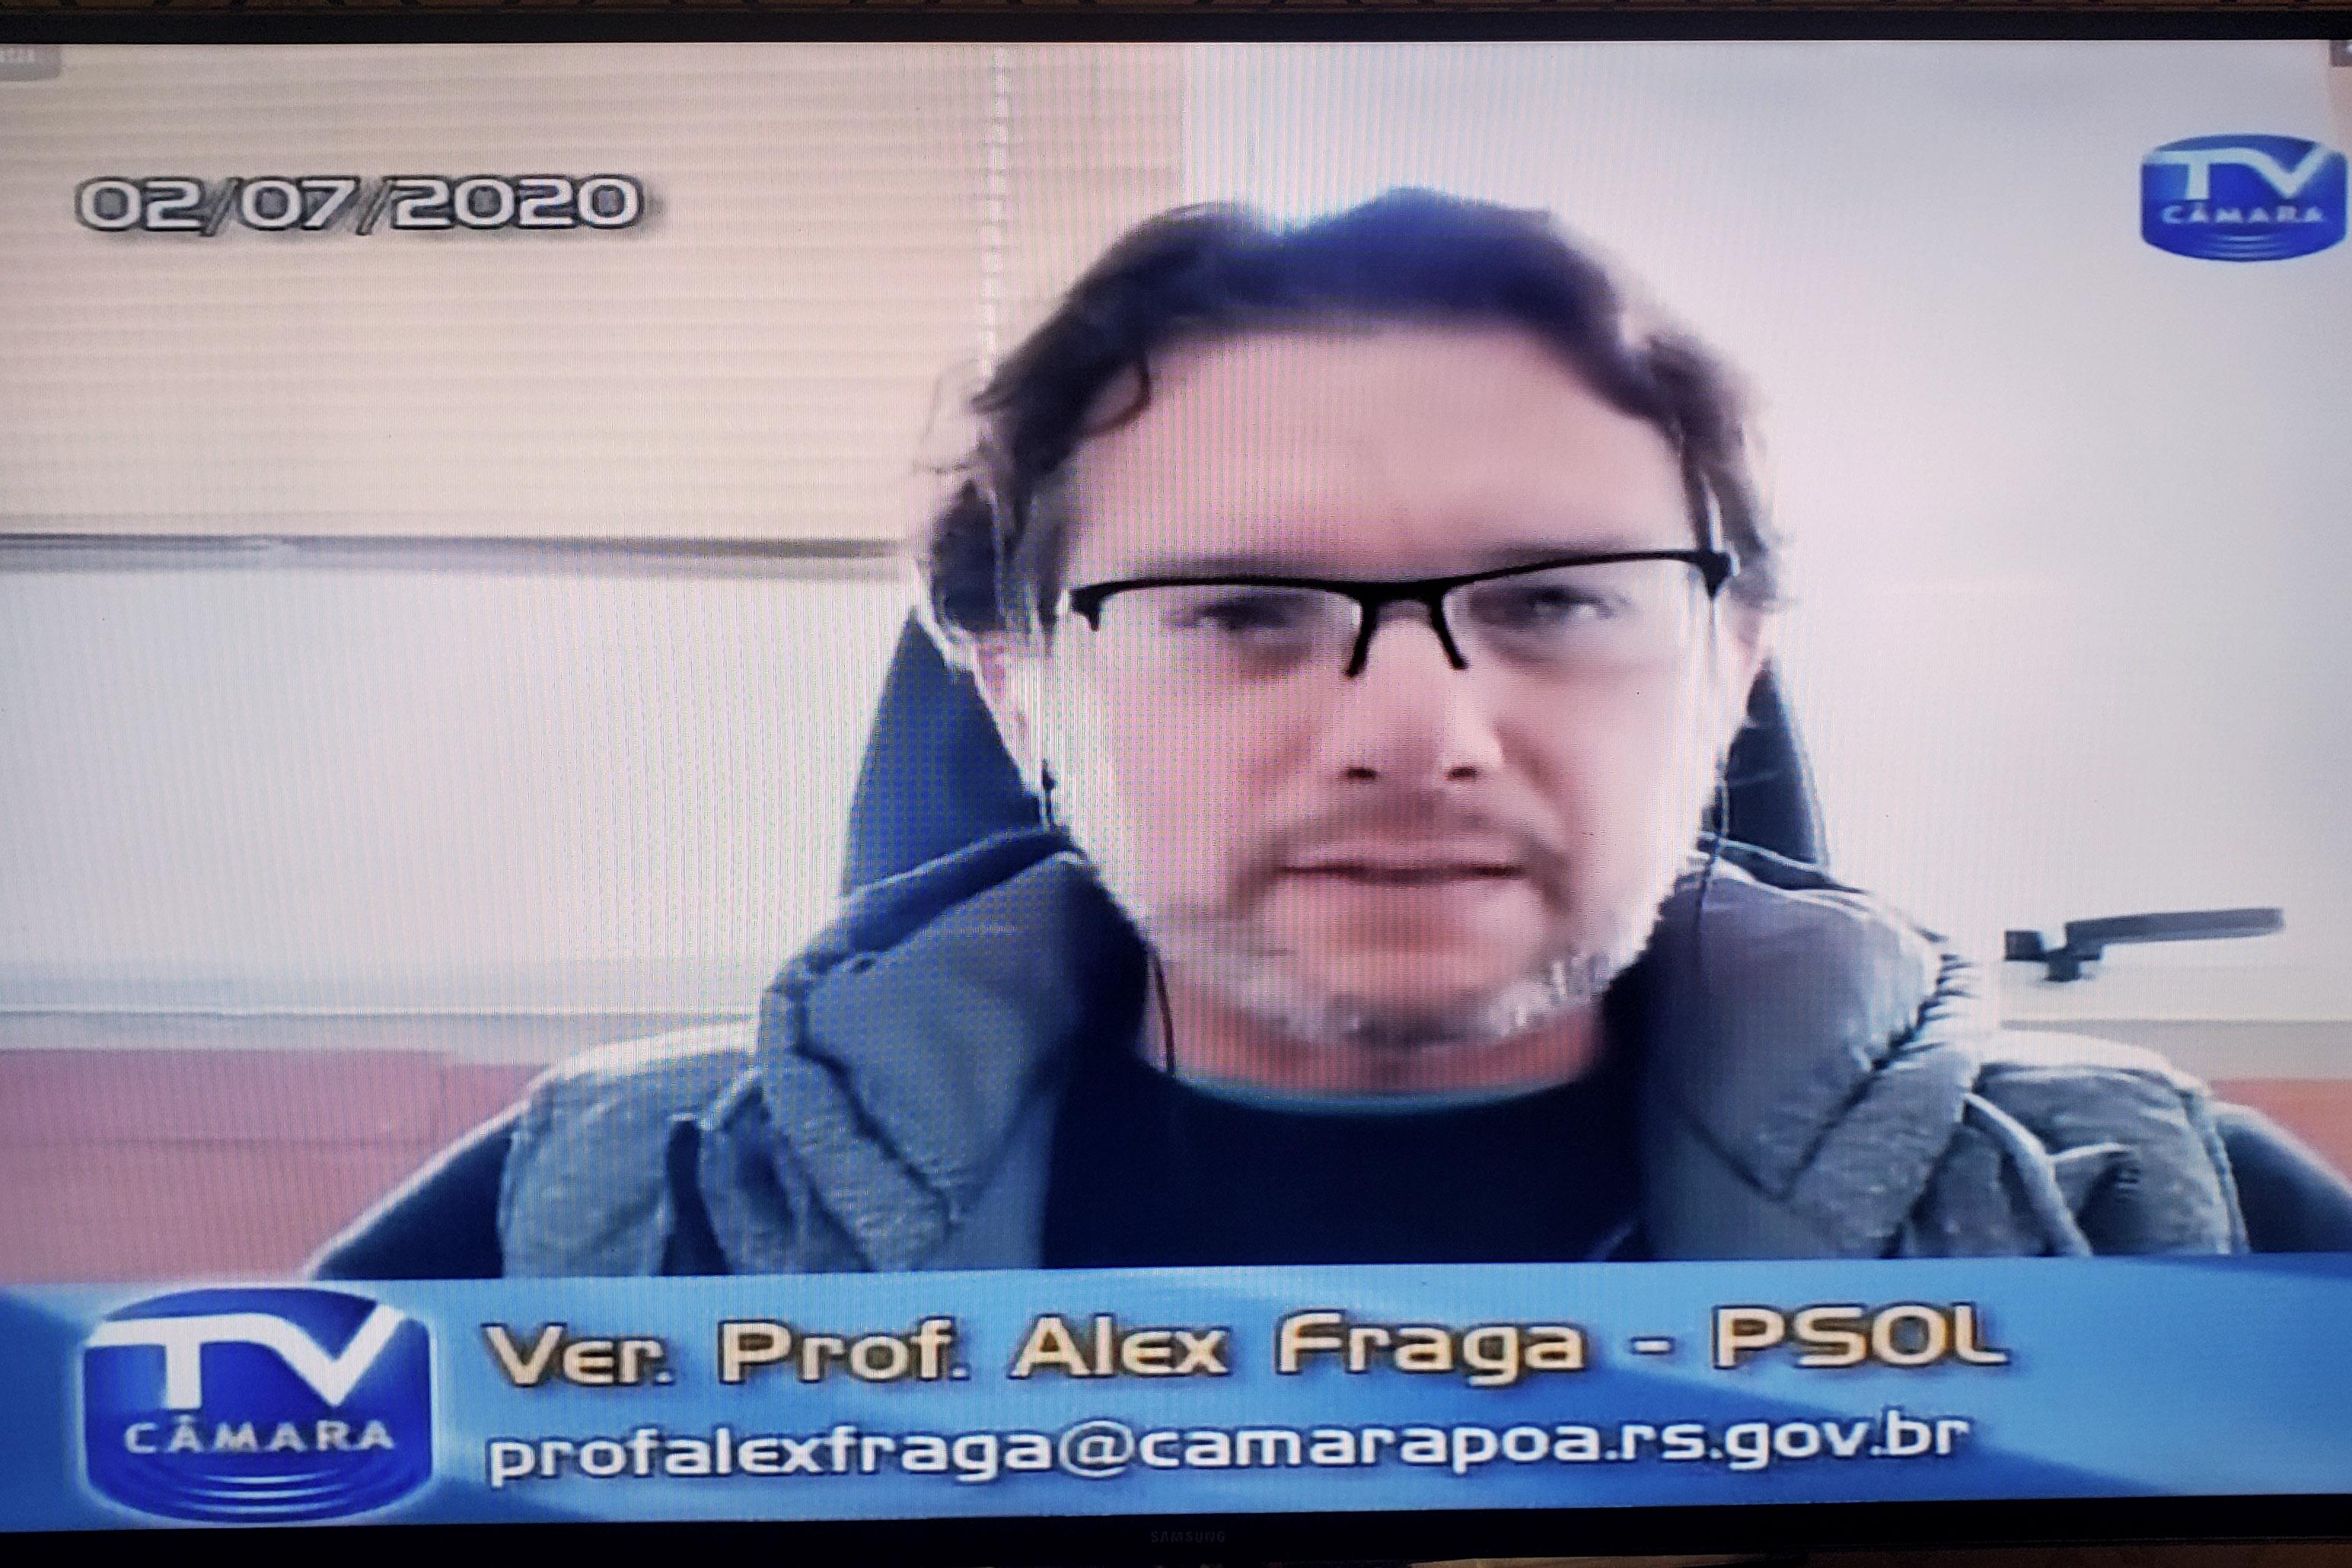 Professor Alex Fraga (PSOL)